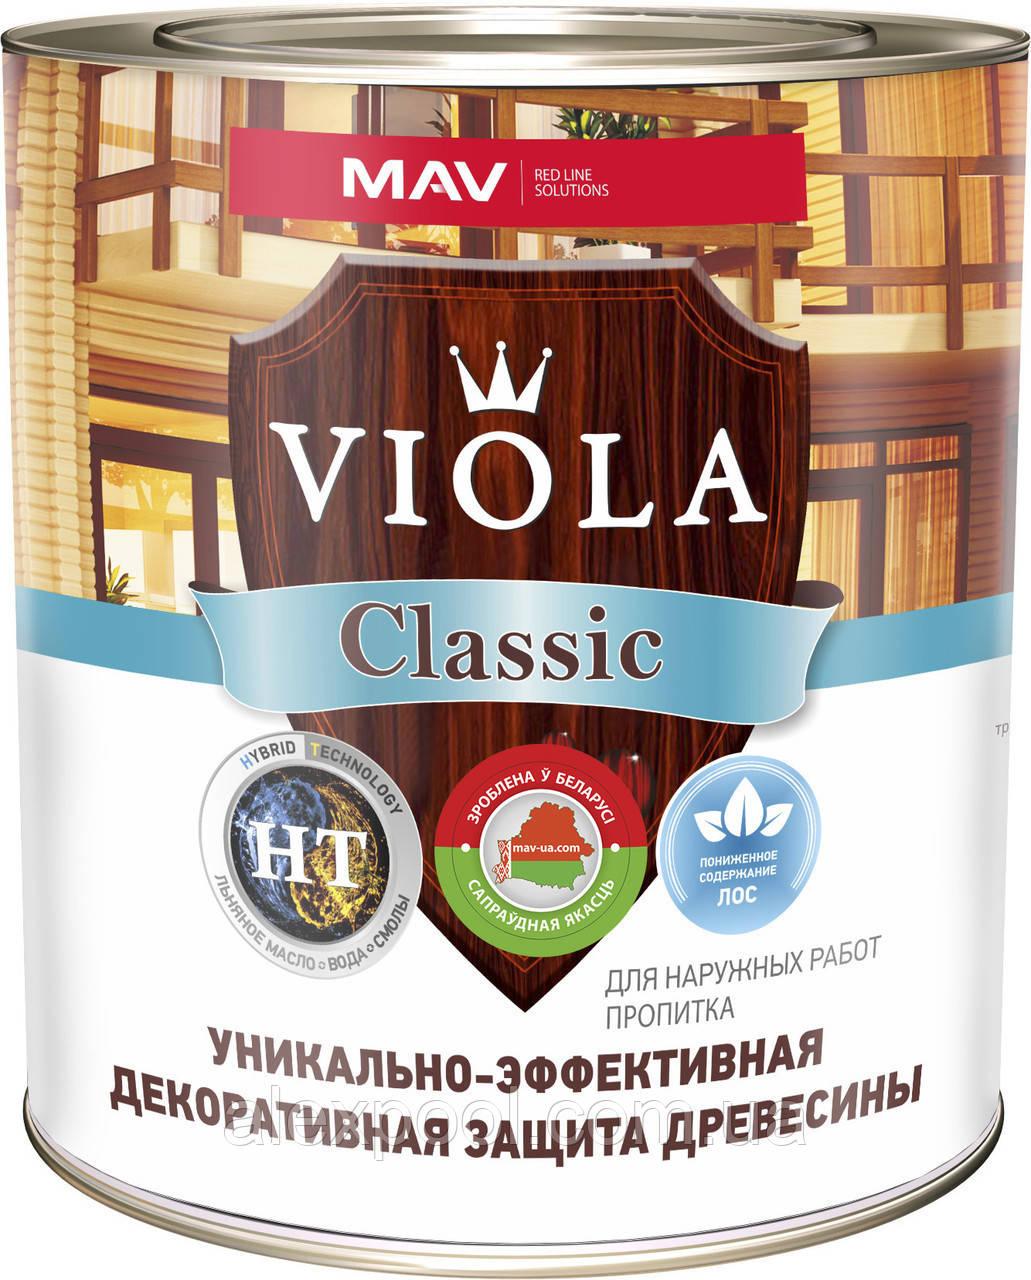 Лак алкидный MAV VIOLA Classic HT 30 защитно-декоративный без запаха для древесины Палисандр 1 литр